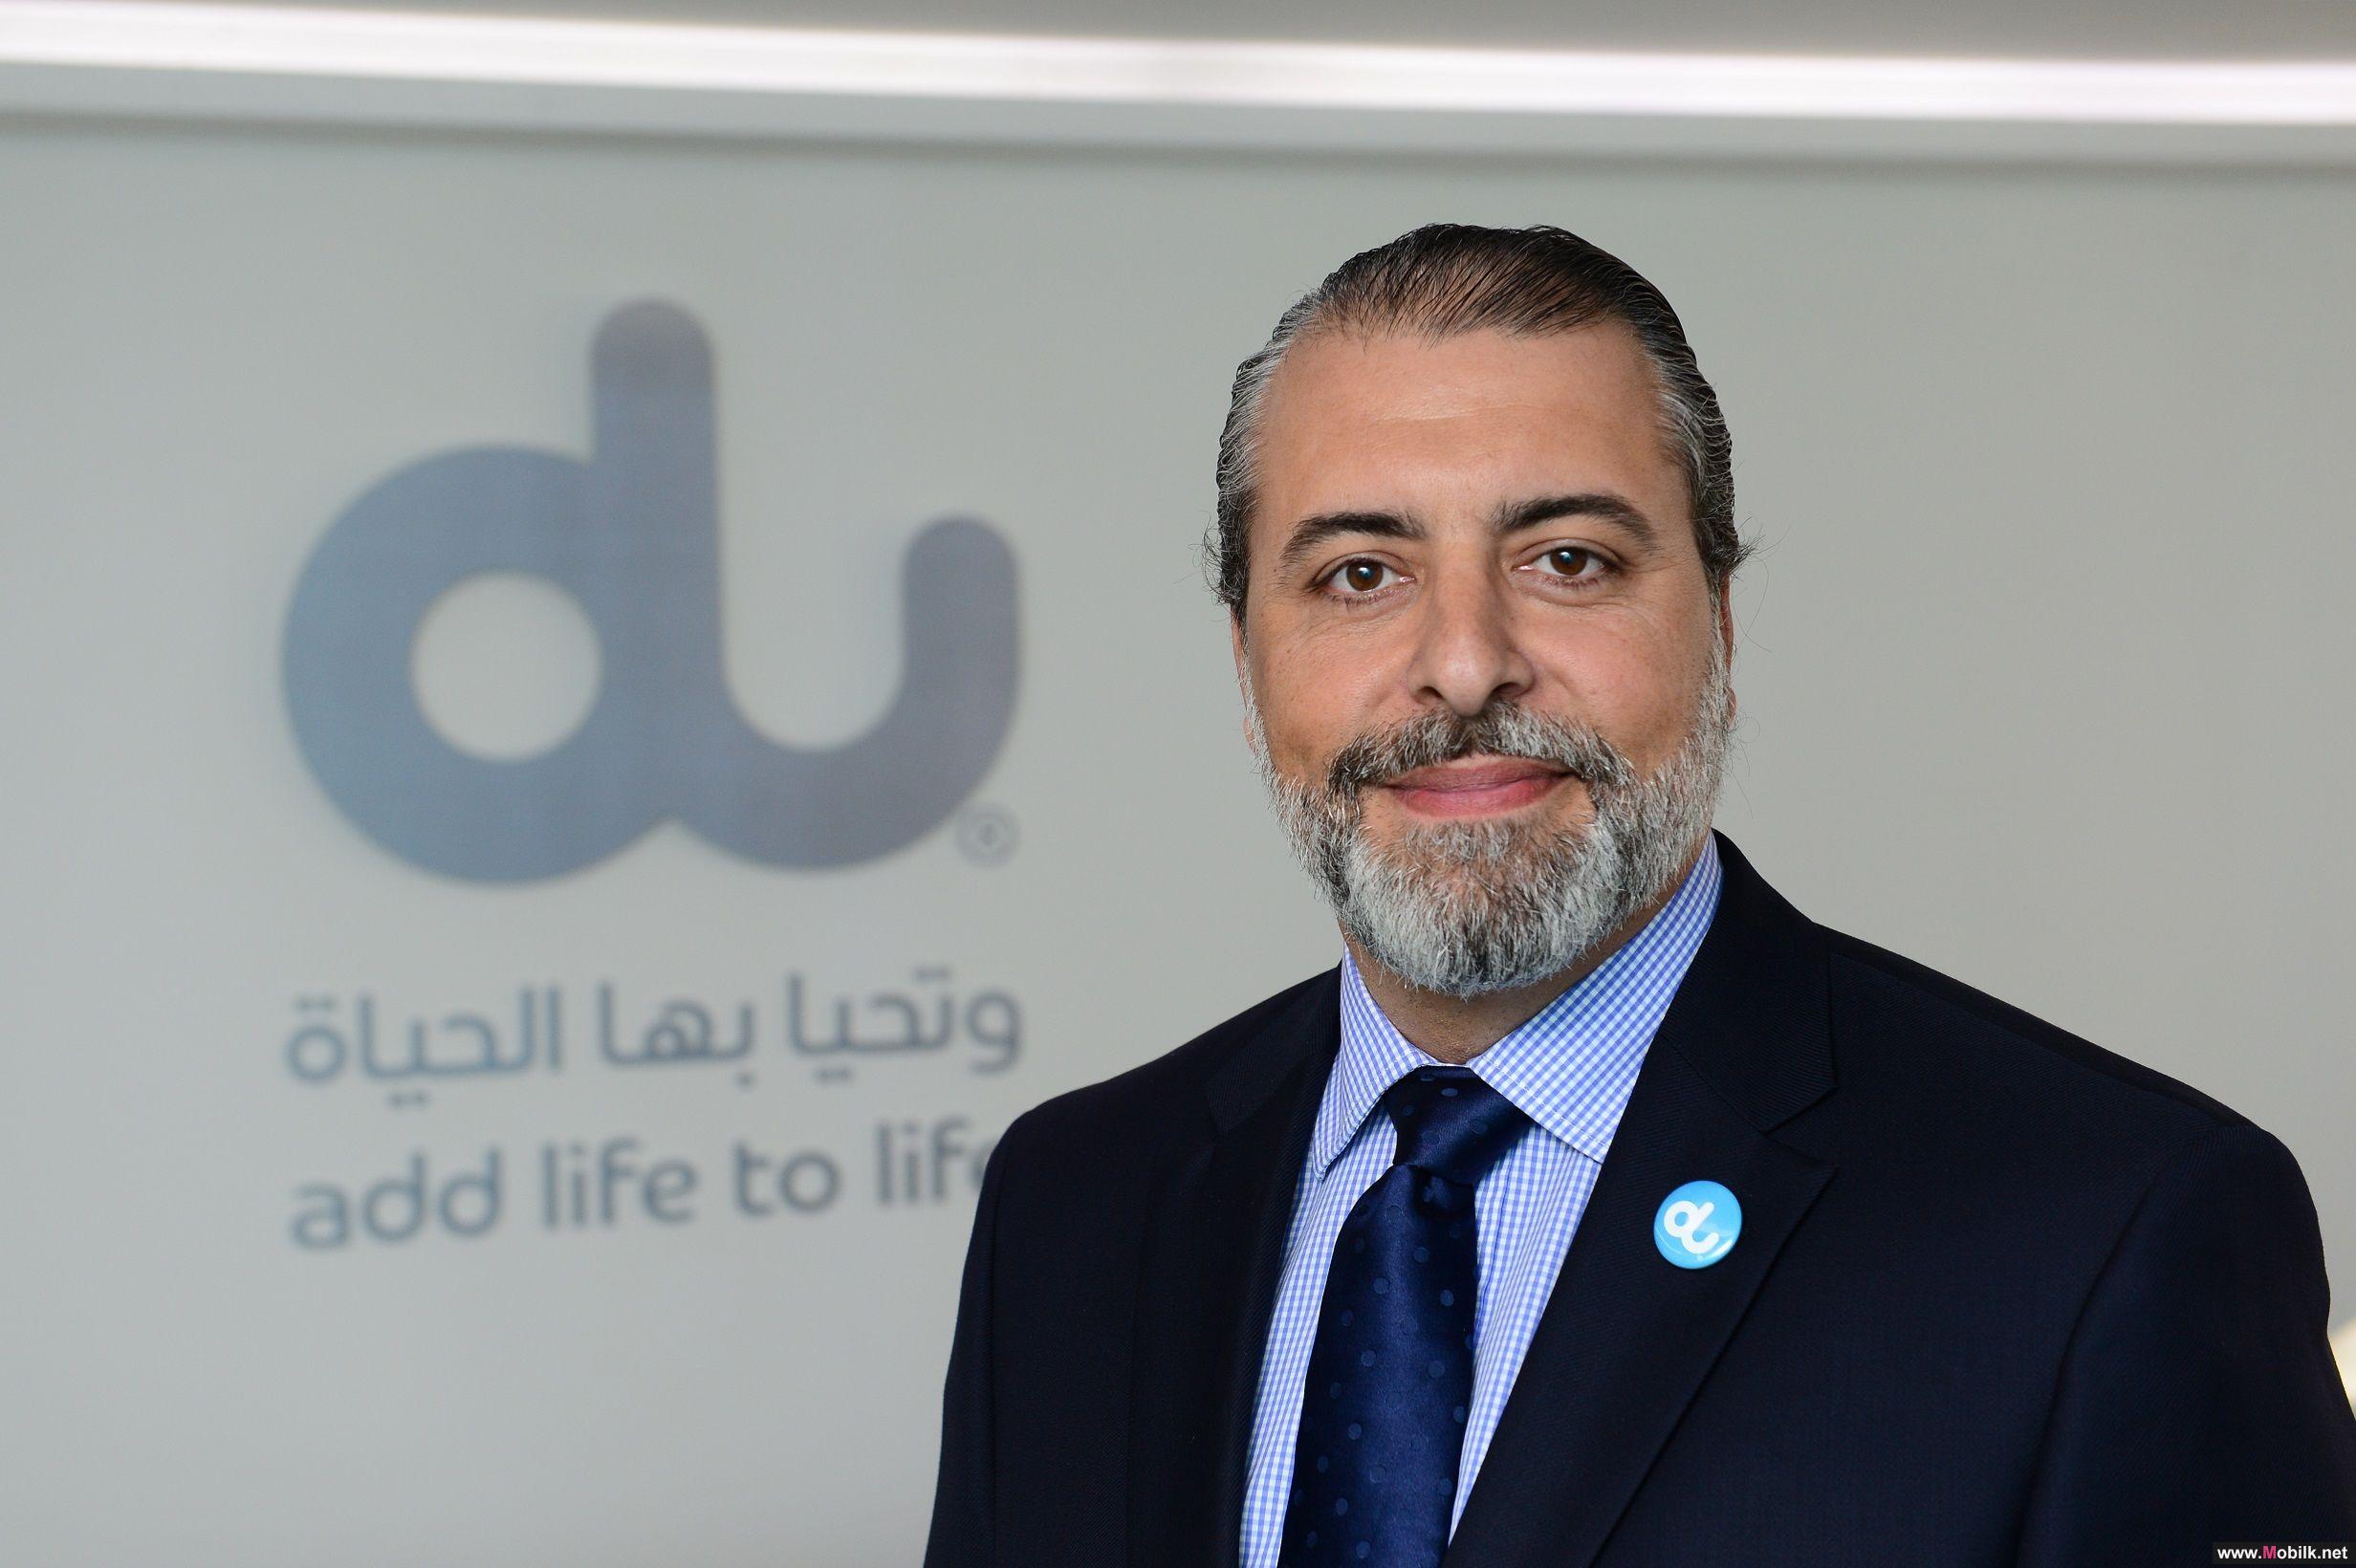 دو و UIBتعلنان عن شراكة استراتيجية لتعزيز وسائل تواصل العملاء وتلبية احتياجاتهم من خدمات الاتصال